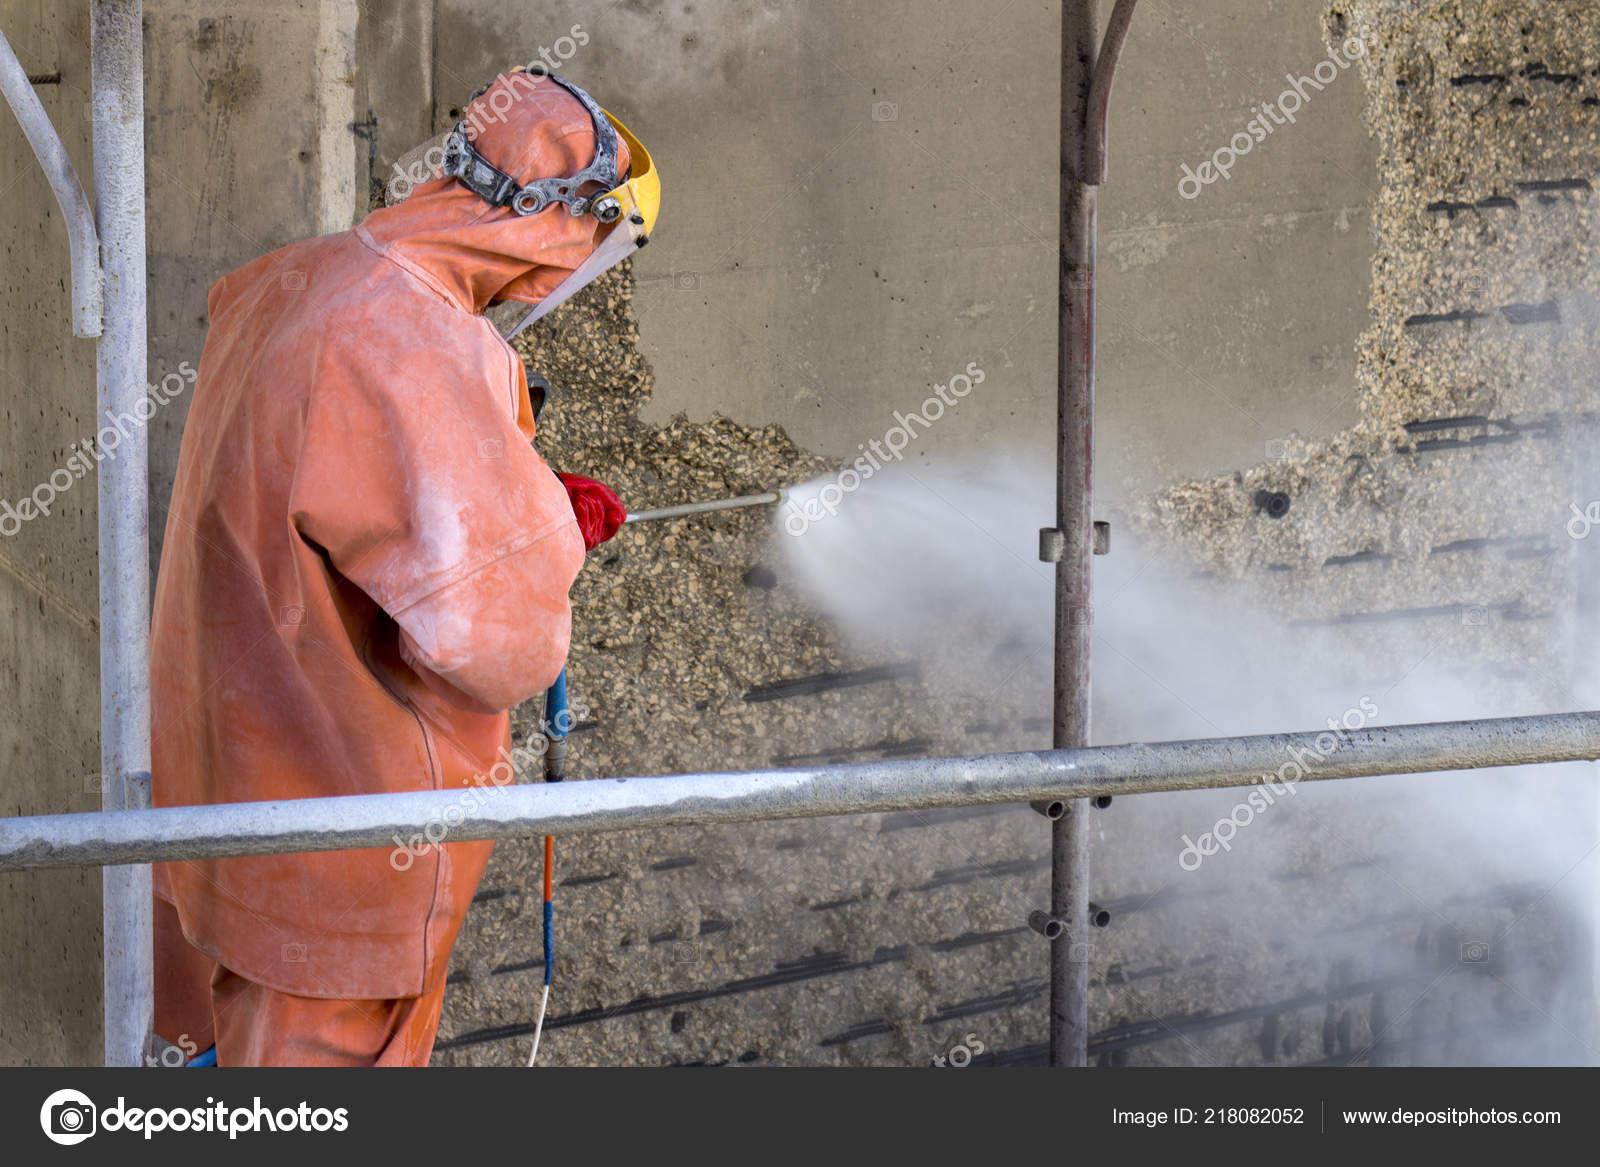 Worker Orange Protective Suit Cleans Corrosion Damaged Concrete